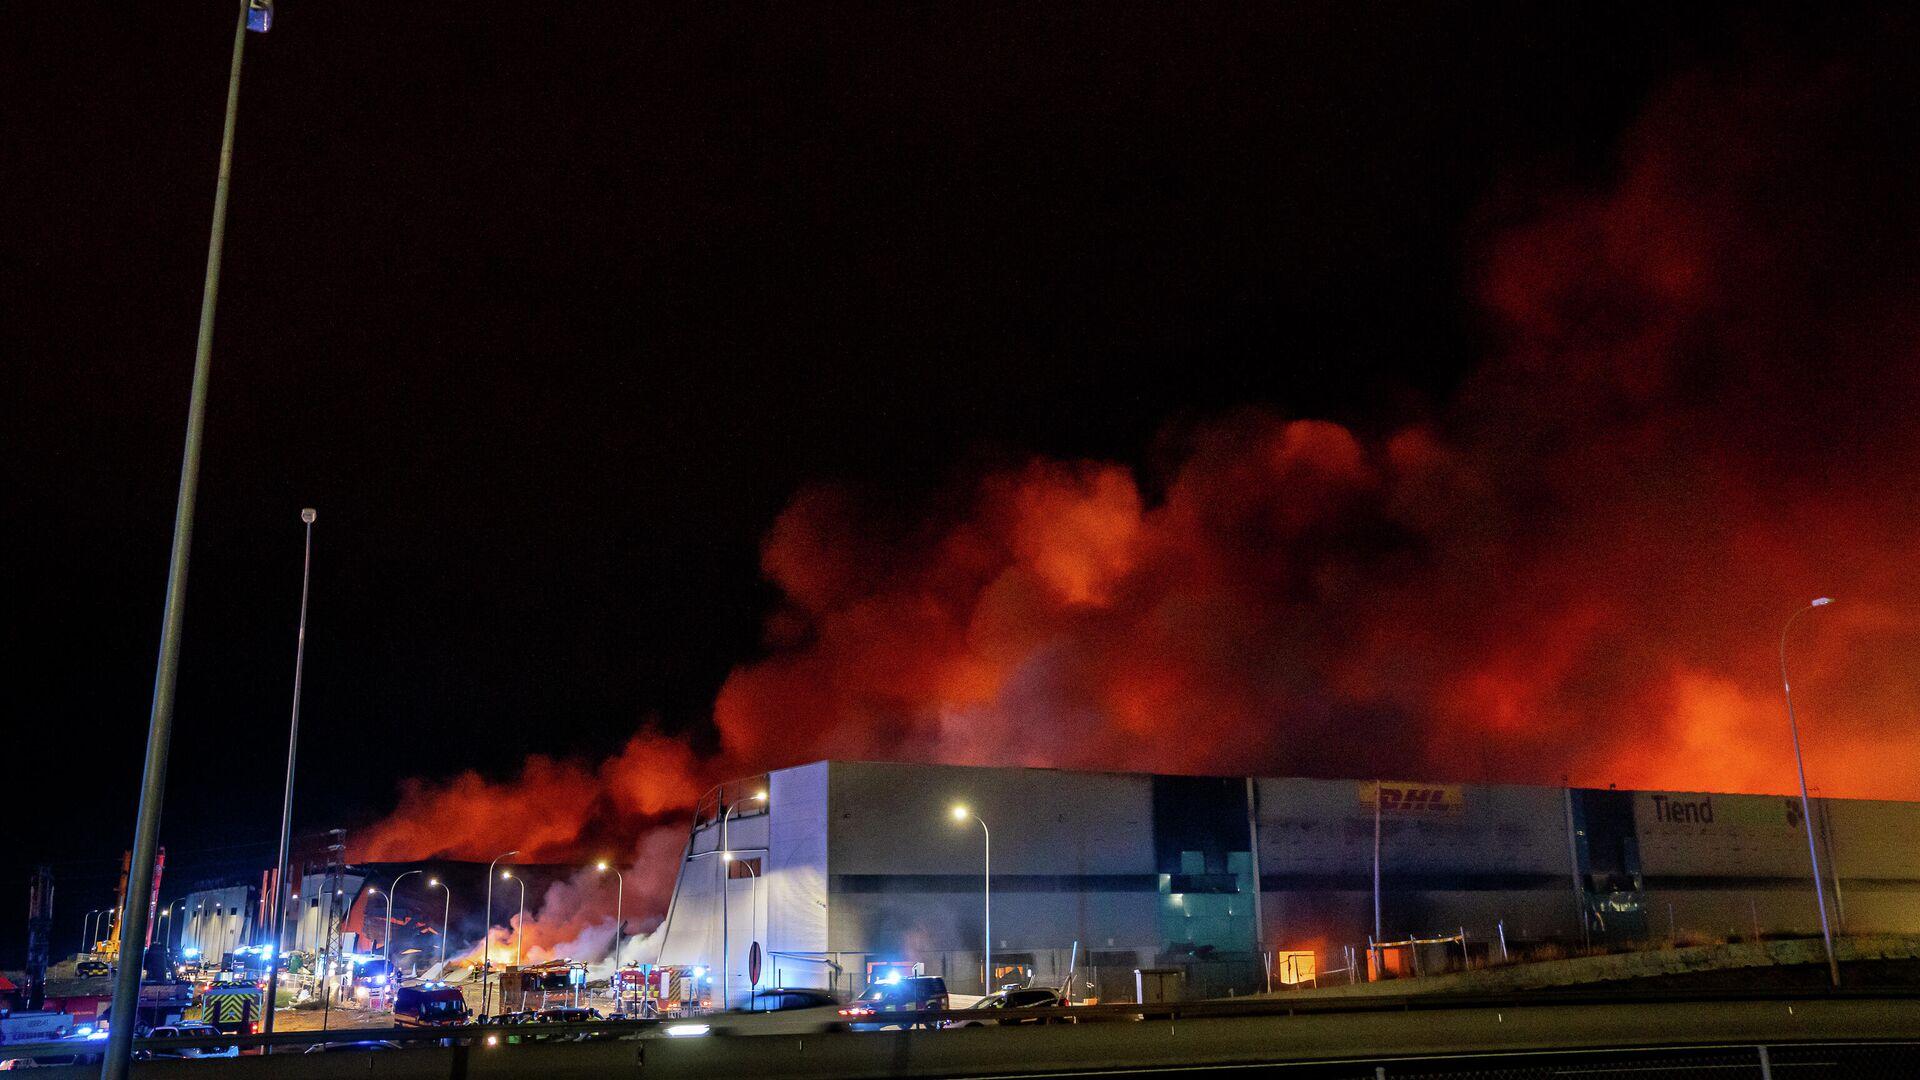 Incendio de un edificio industrial en Seseña Nuevo (Toledo).  - Sputnik Mundo, 1920, 14.04.2021